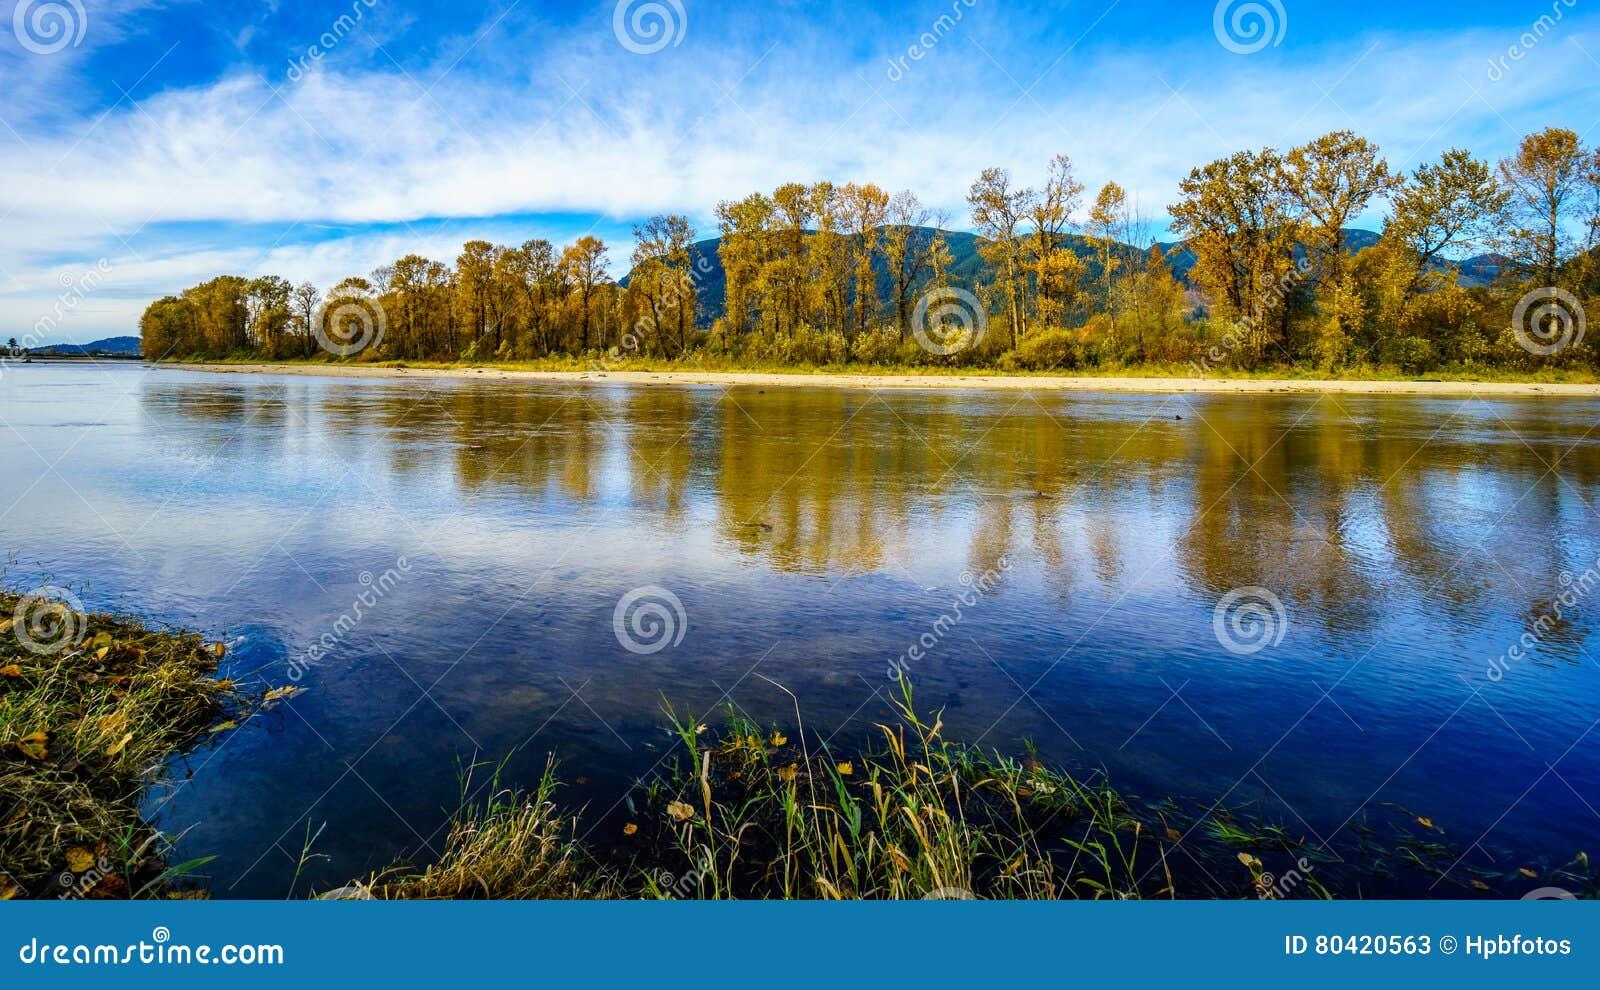 Dalingskleuren rond Nicomen Slough, een tak van Fraser River, aangezien het door Fraser Valley vloeit